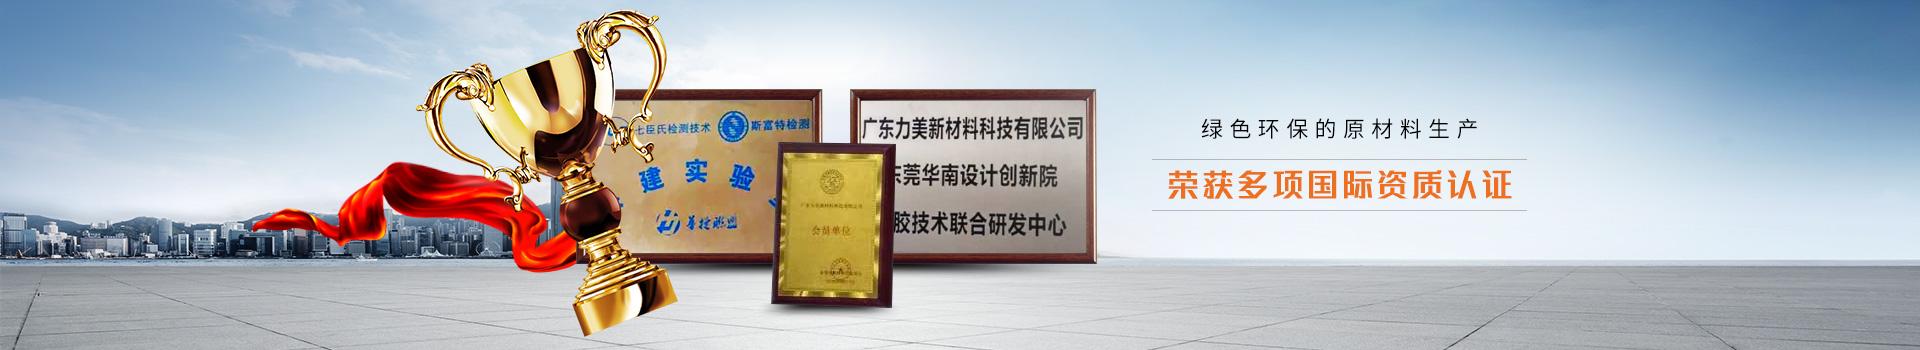 力美荣获多项国际资质认证